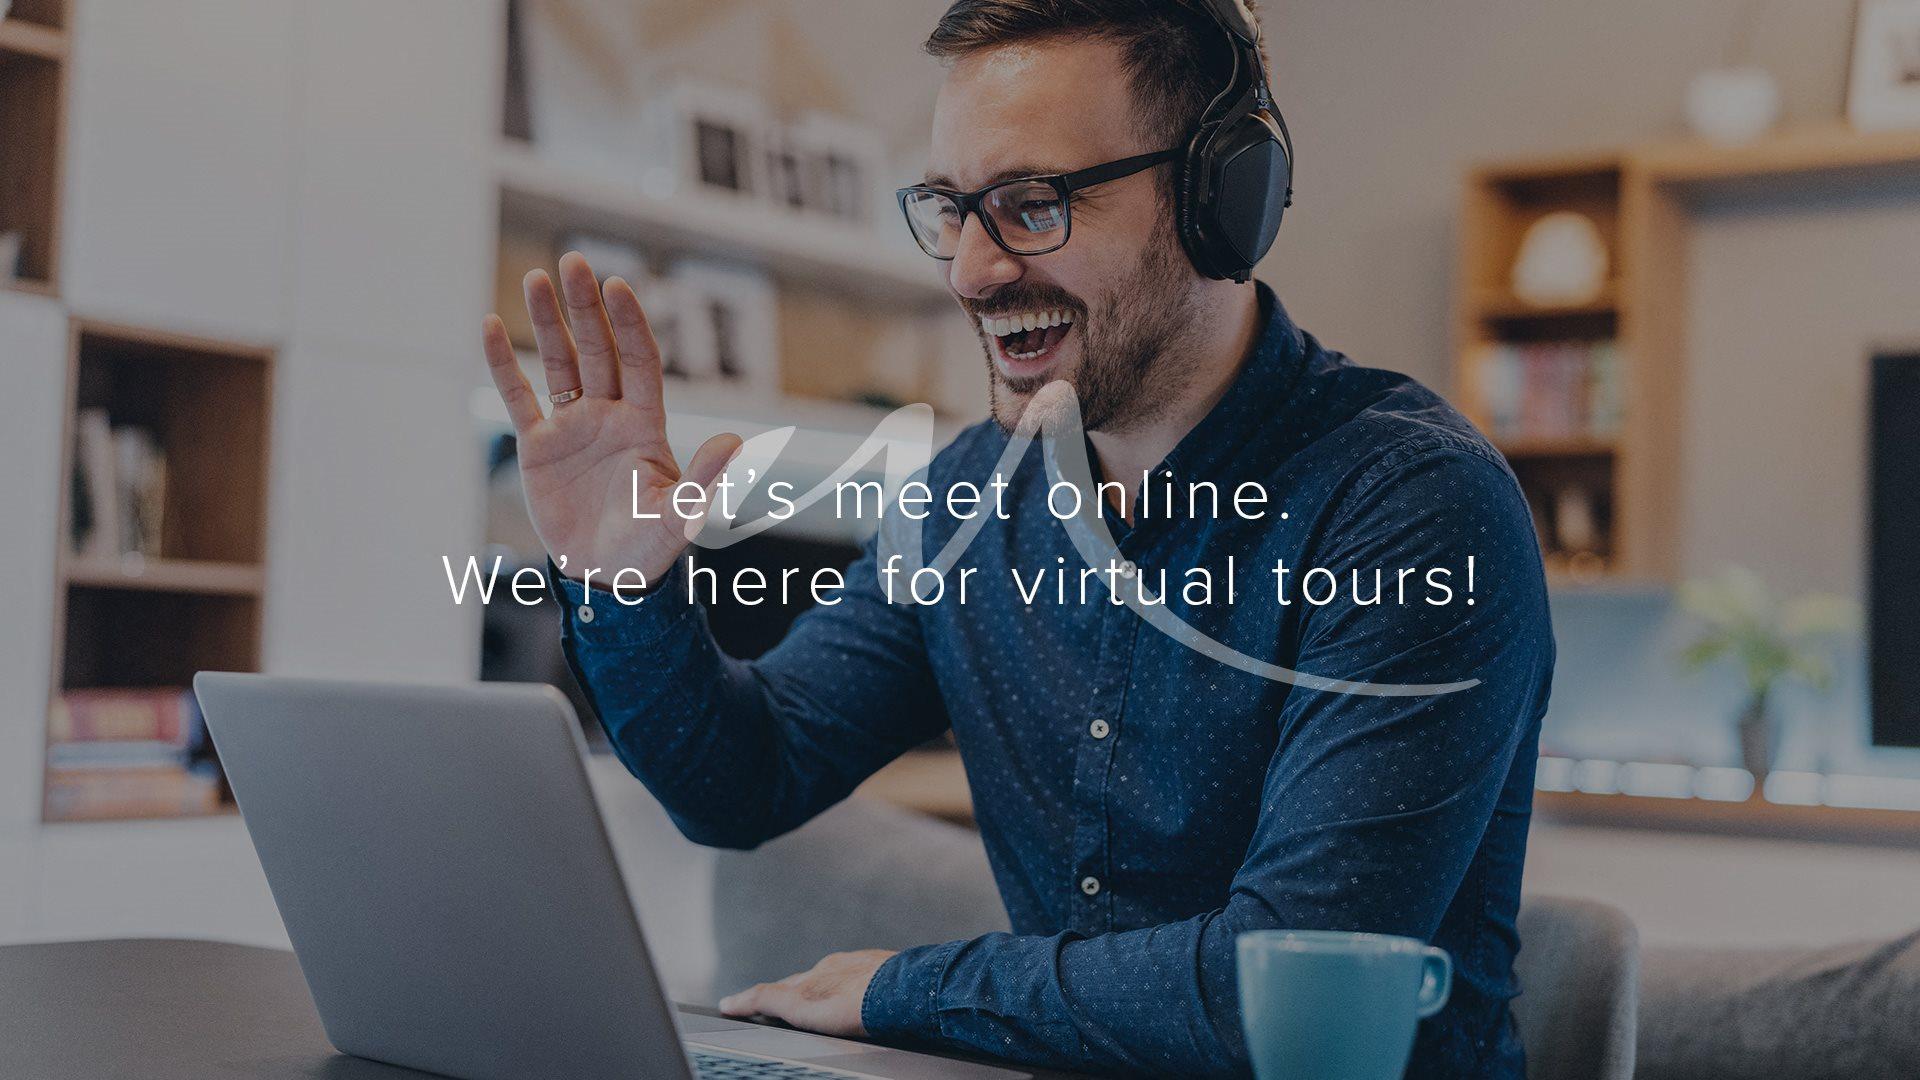 let's meet online